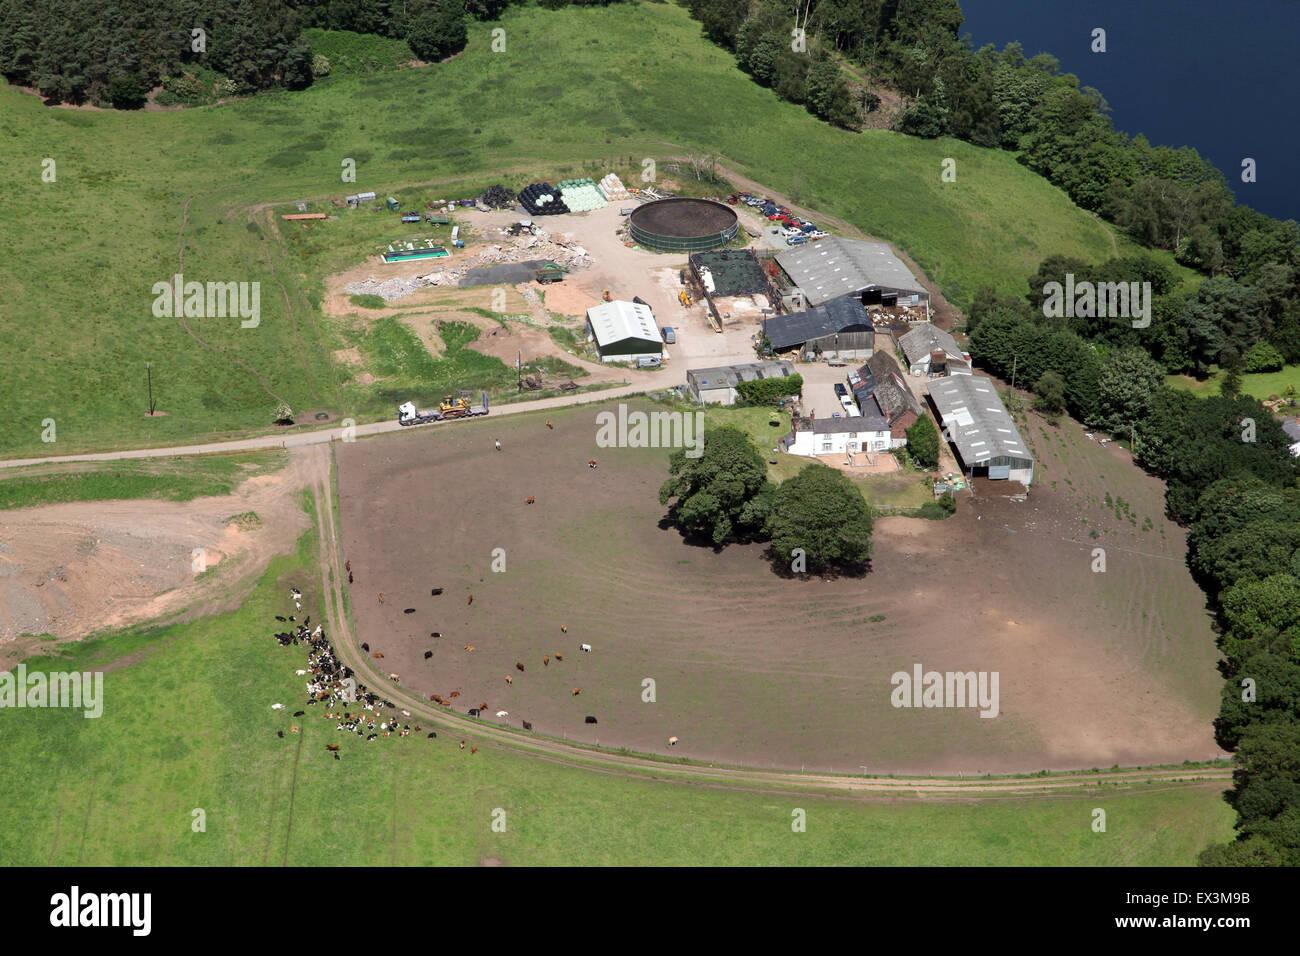 Luftaufnahme von einem Cheshire Milchviehbetrieb mit Kühen und Wirtschaftsgebäuden, UK Stockbild